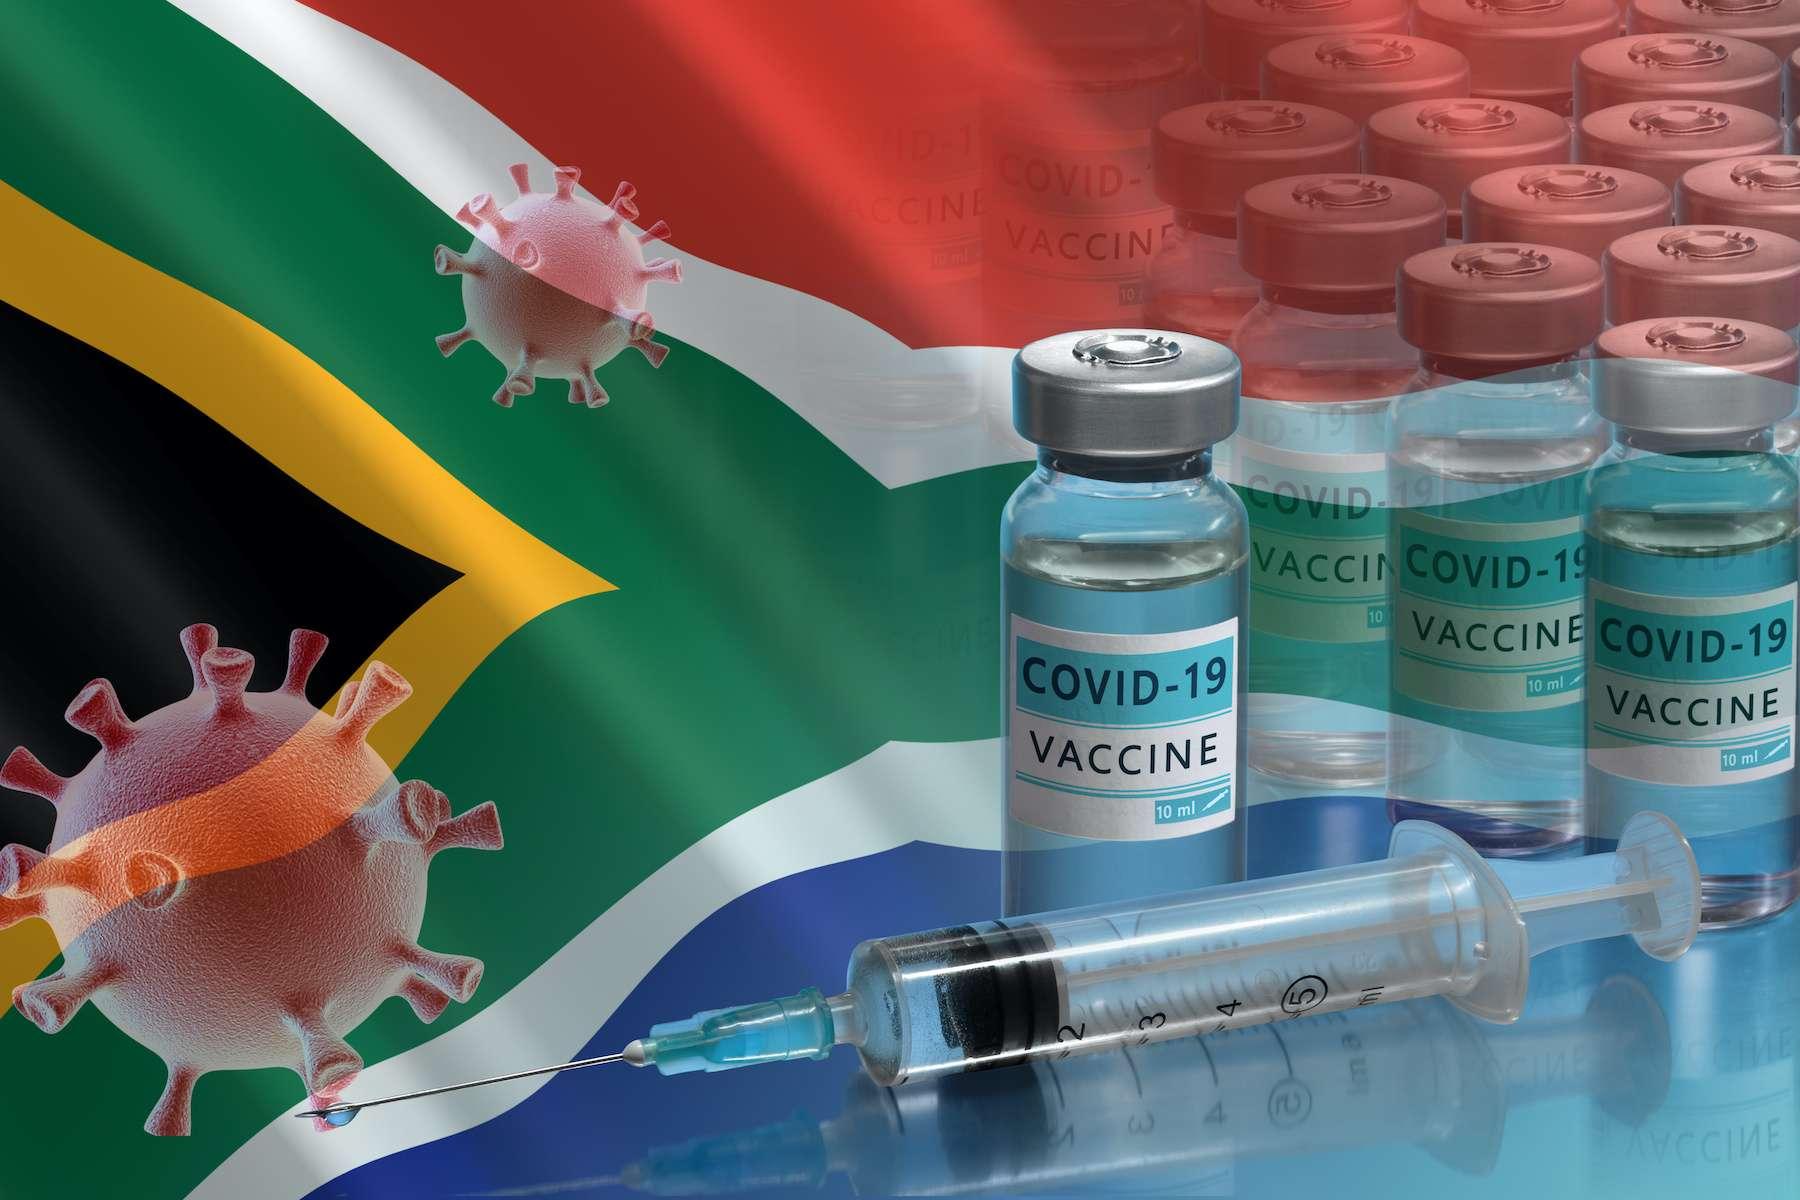 Un vaccin basé sur le variant sud-africain 501Y.V2 confèrerait une protection universelle contre les autres variants. © V. Yakobchuk, Adobe Stock